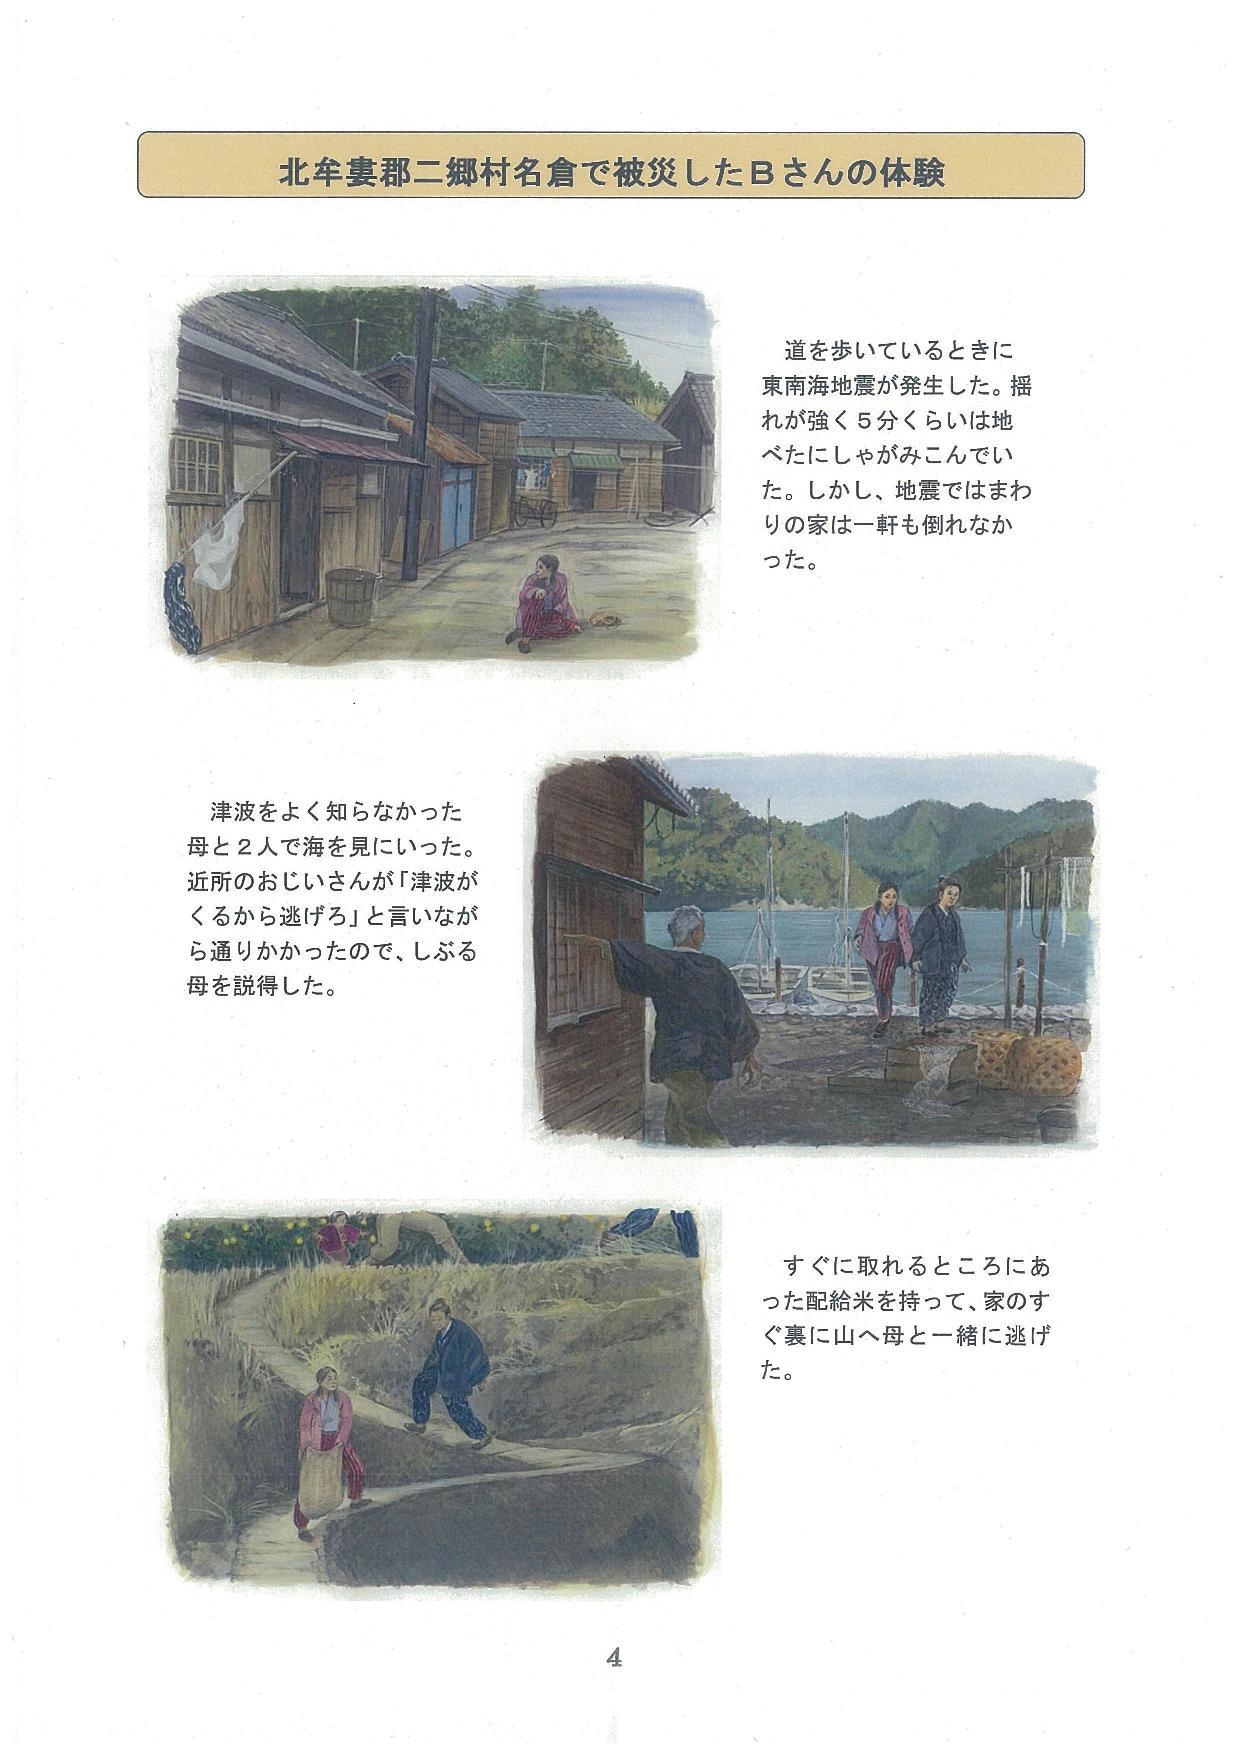 20171208-02_ページ_04